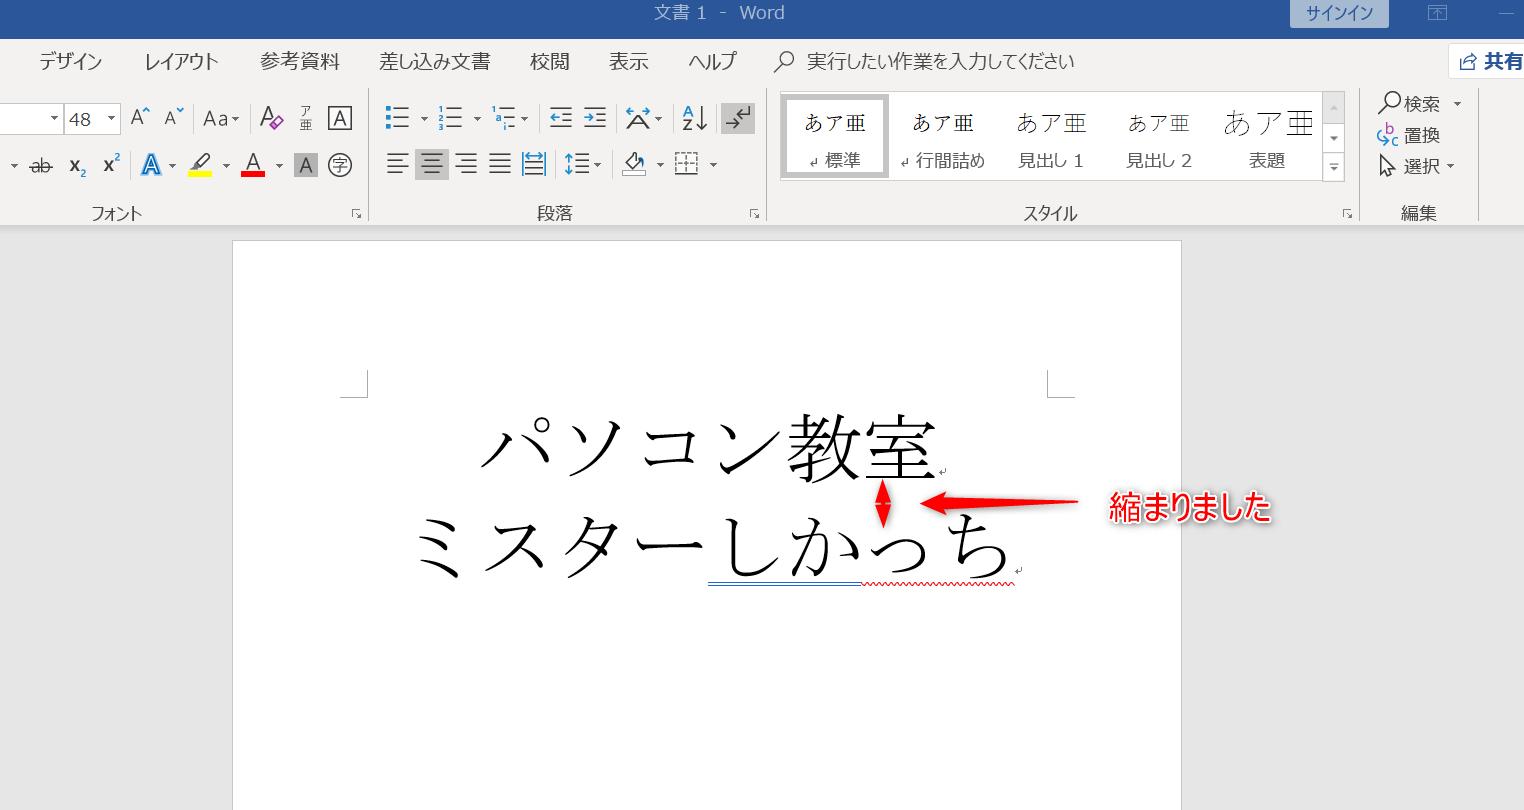 OKボタンを押した結果が表示されていることを示すワードの画像